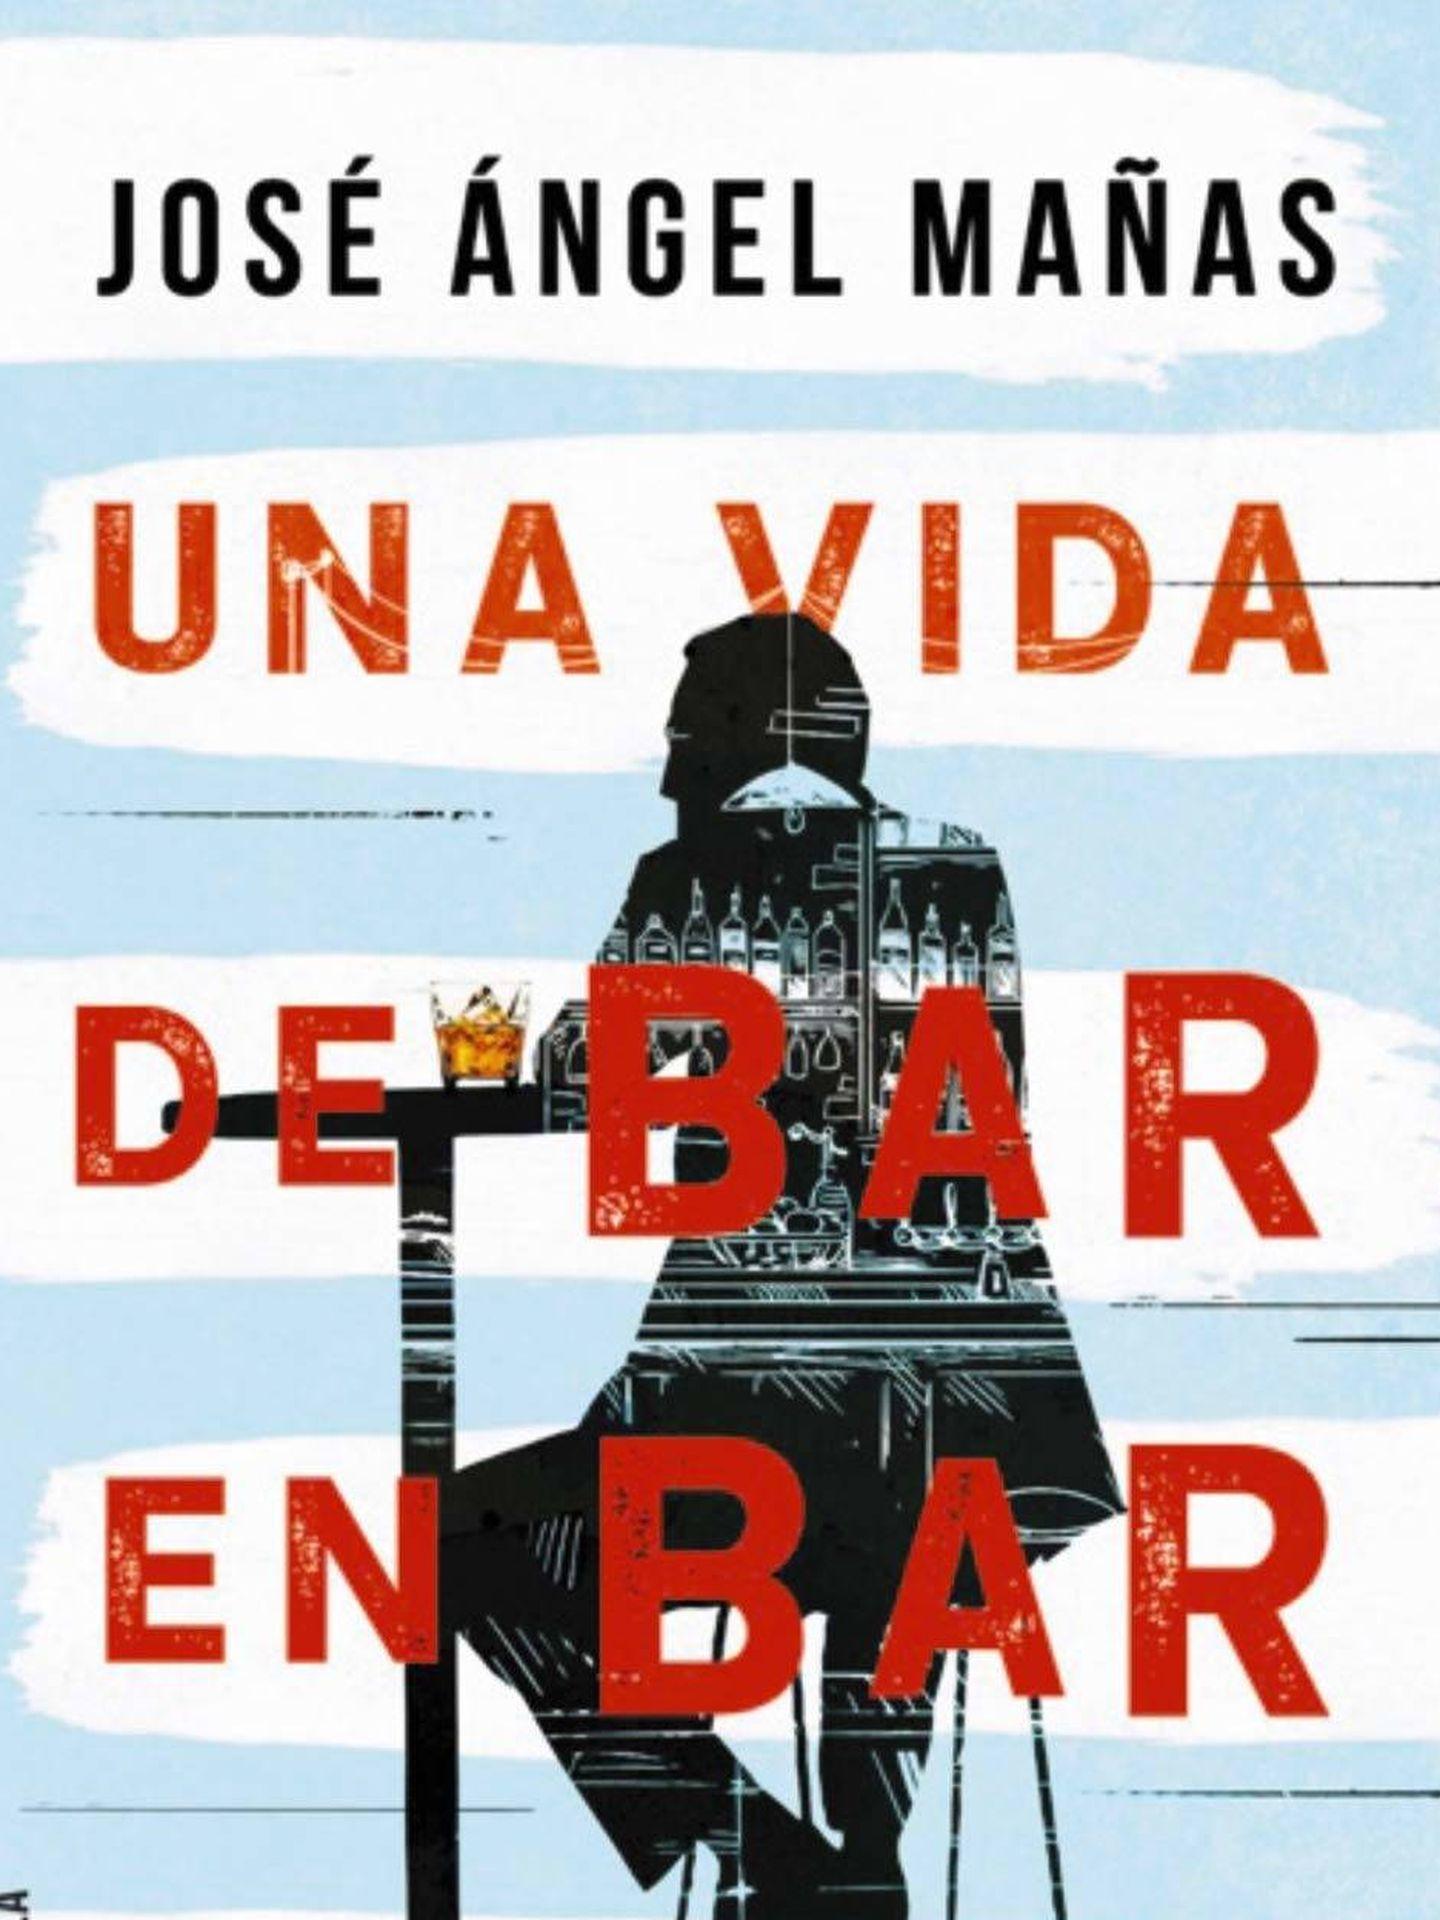 'Una vida de bar en bar'.